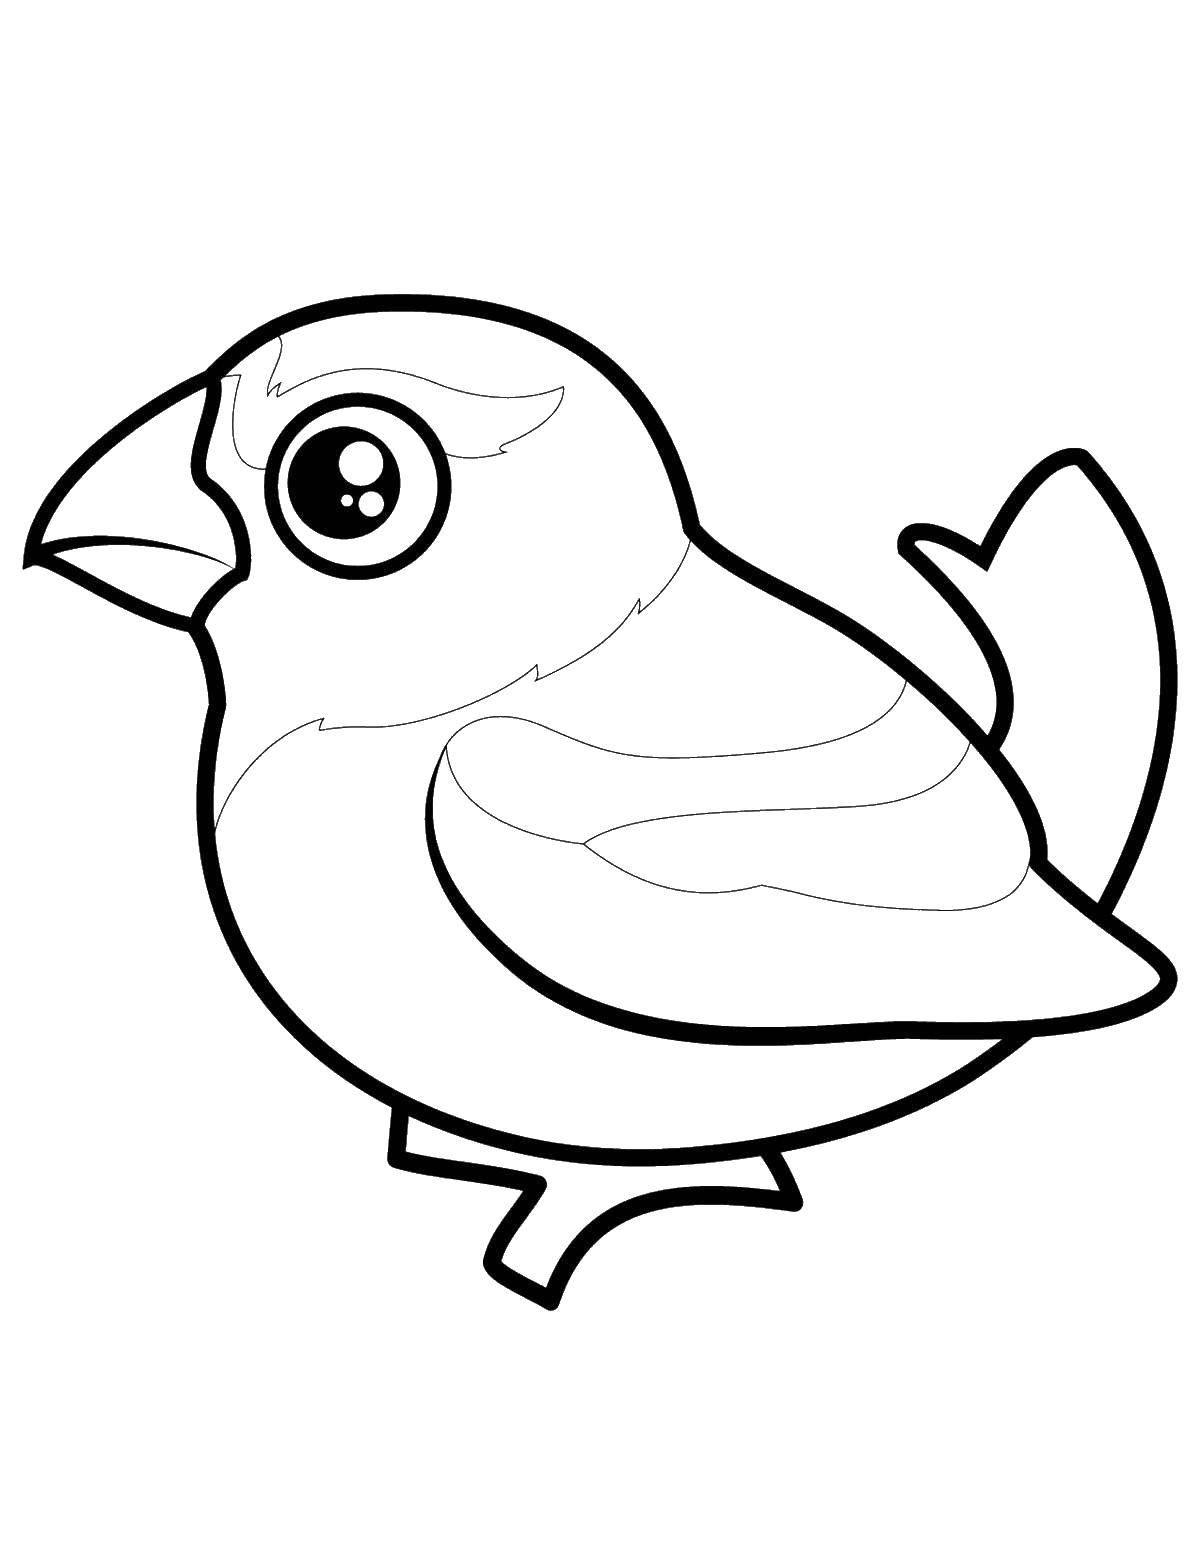 Раскраска Птичка с большими глазами. Скачать птицы, птица.  Распечатать ,птицы,